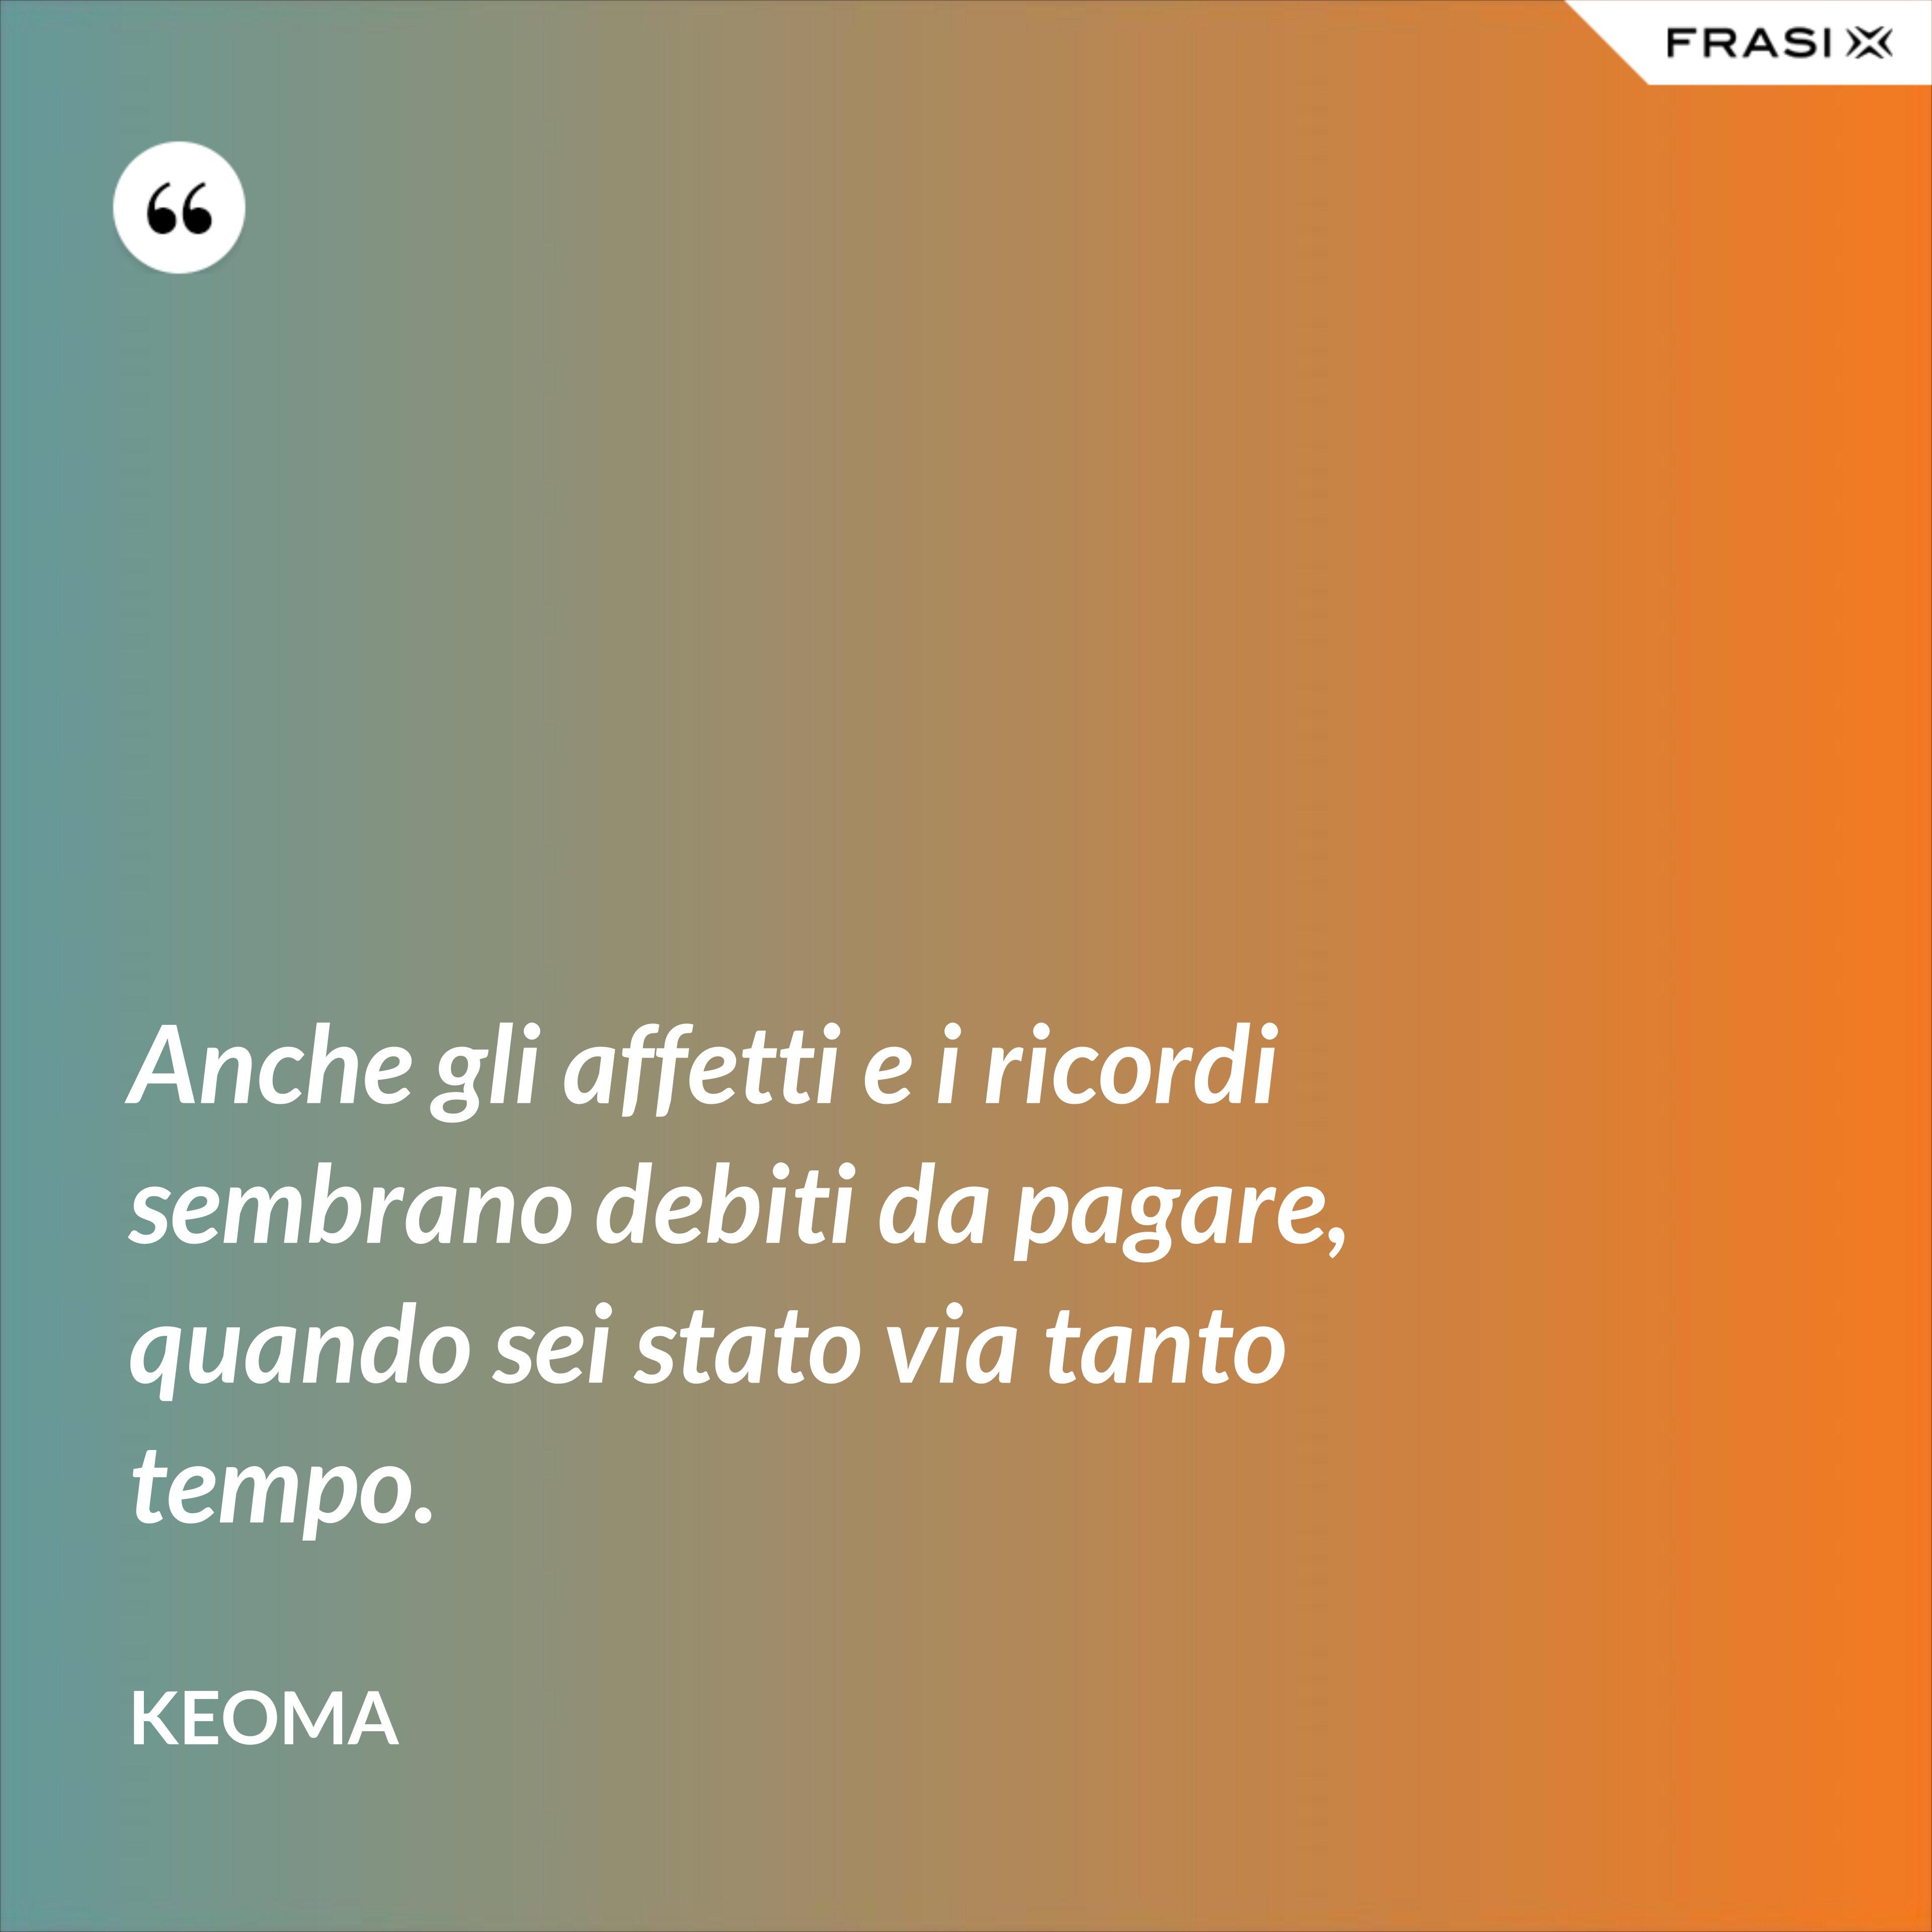 Anche gli affetti e i ricordi sembrano debiti da pagare, quando sei stato via tanto tempo. - Keoma